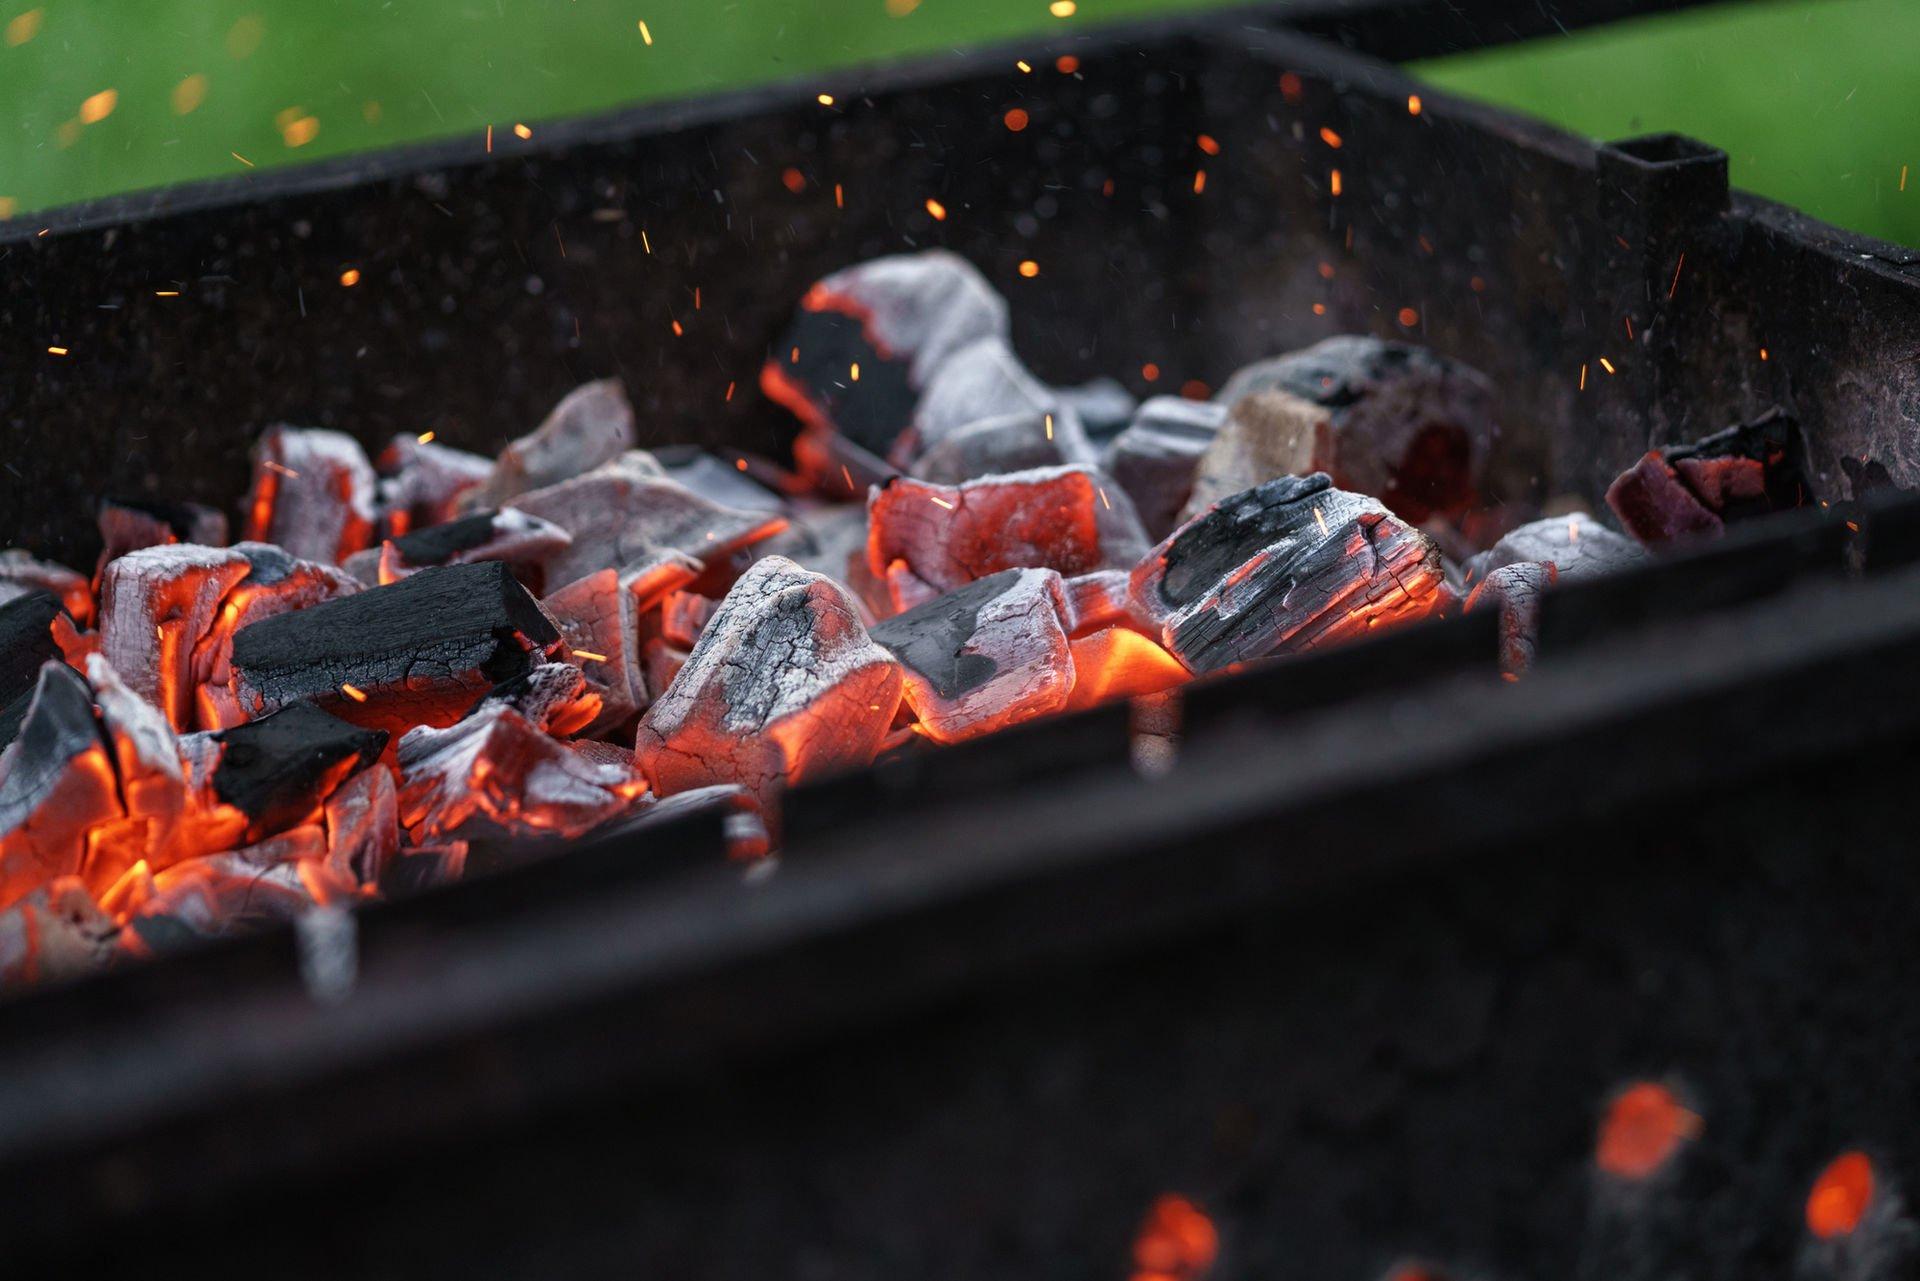 как приготовить шашлык гид отвратительных мужиков еда шашлык-машлык рецепты disgusting men